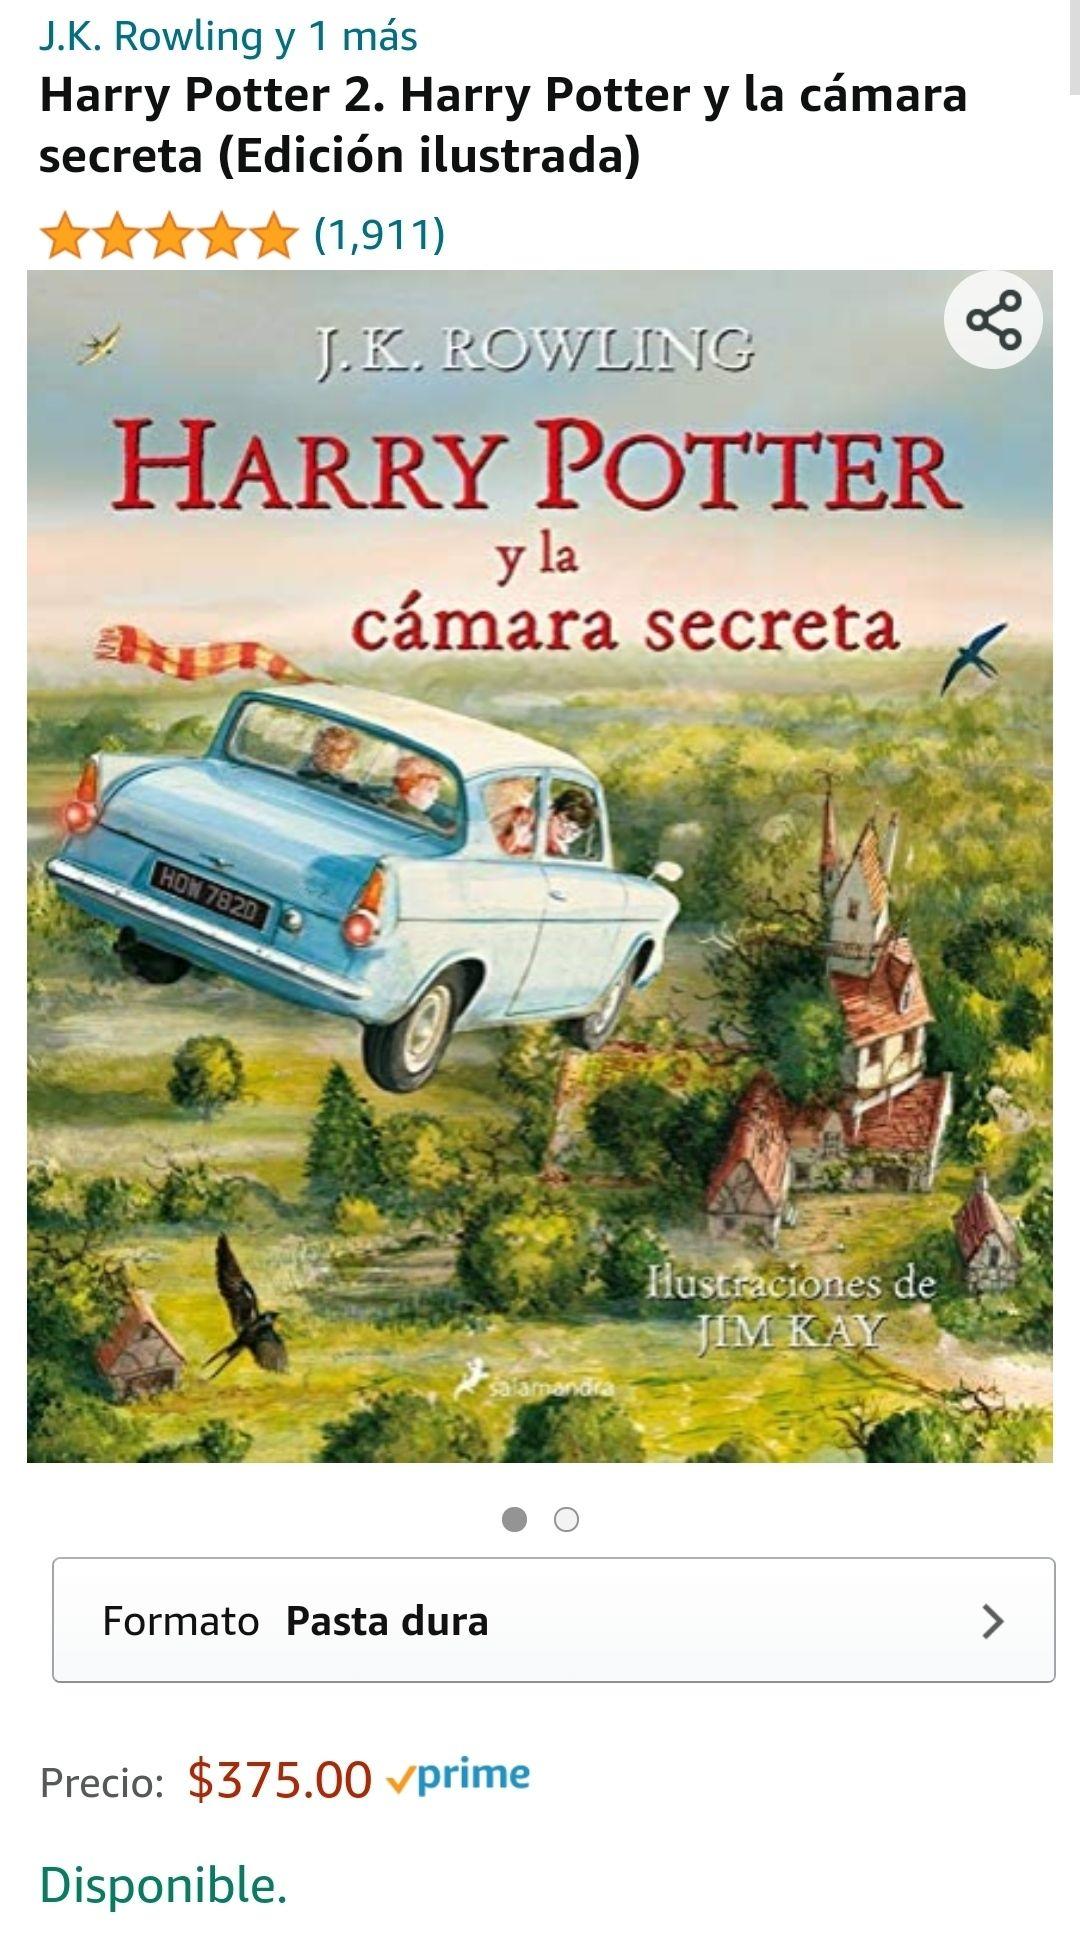 Amazon: Harry Potter 2. Harry Potter y la cámara secreta (Edición ilustrada)